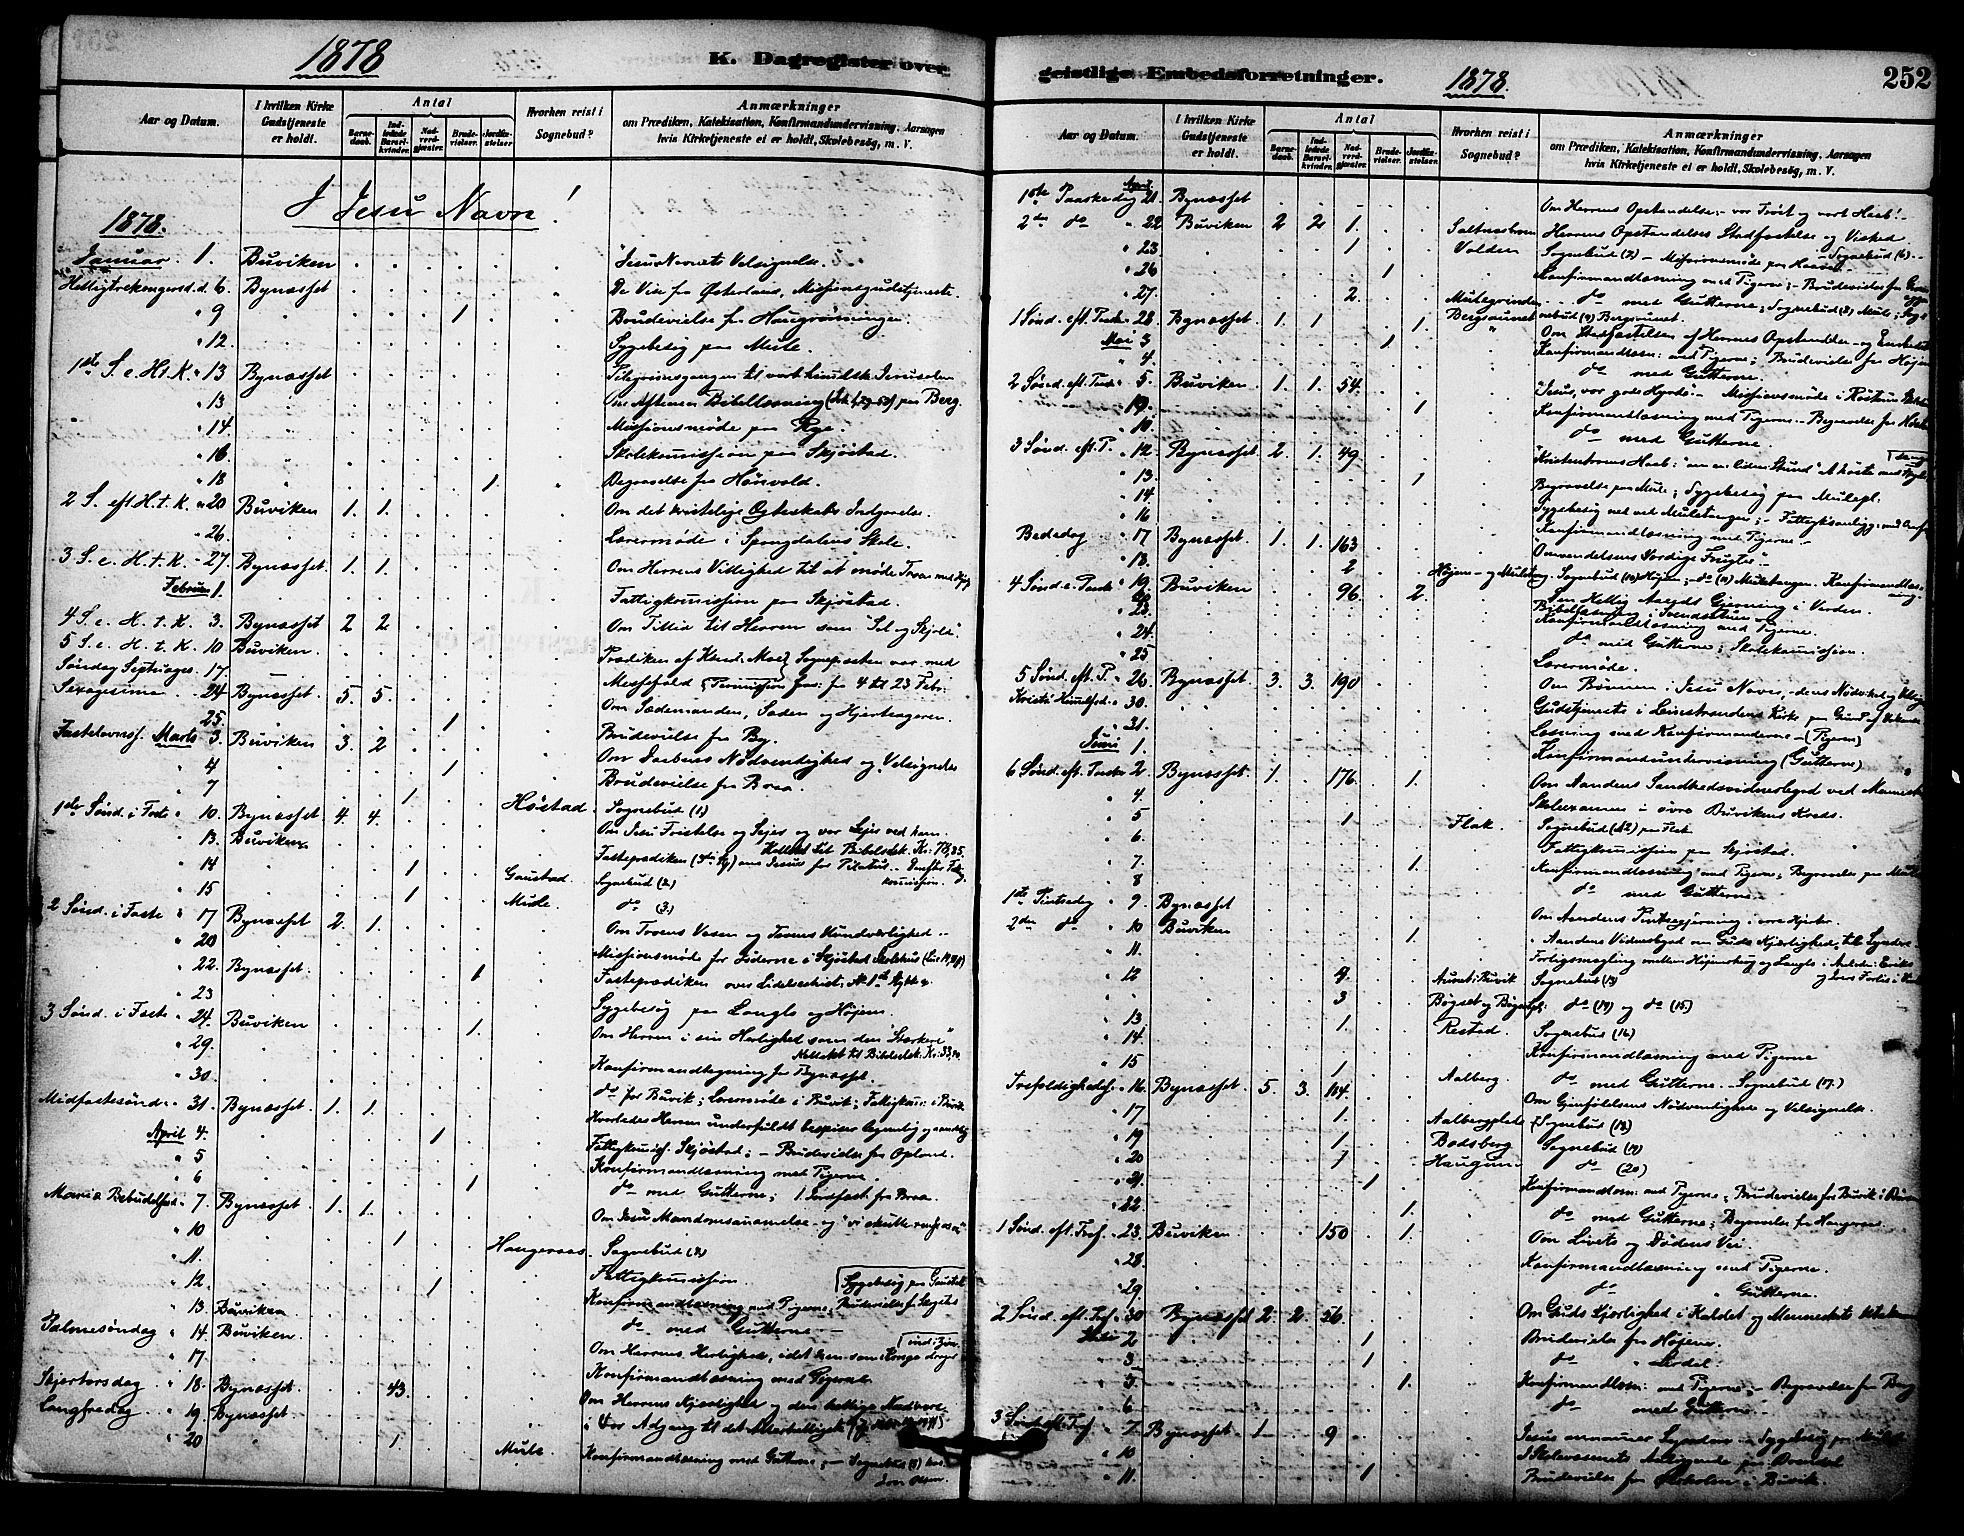 SAT, Ministerialprotokoller, klokkerbøker og fødselsregistre - Sør-Trøndelag, 612/L0378: Ministerialbok nr. 612A10, 1878-1897, s. 252